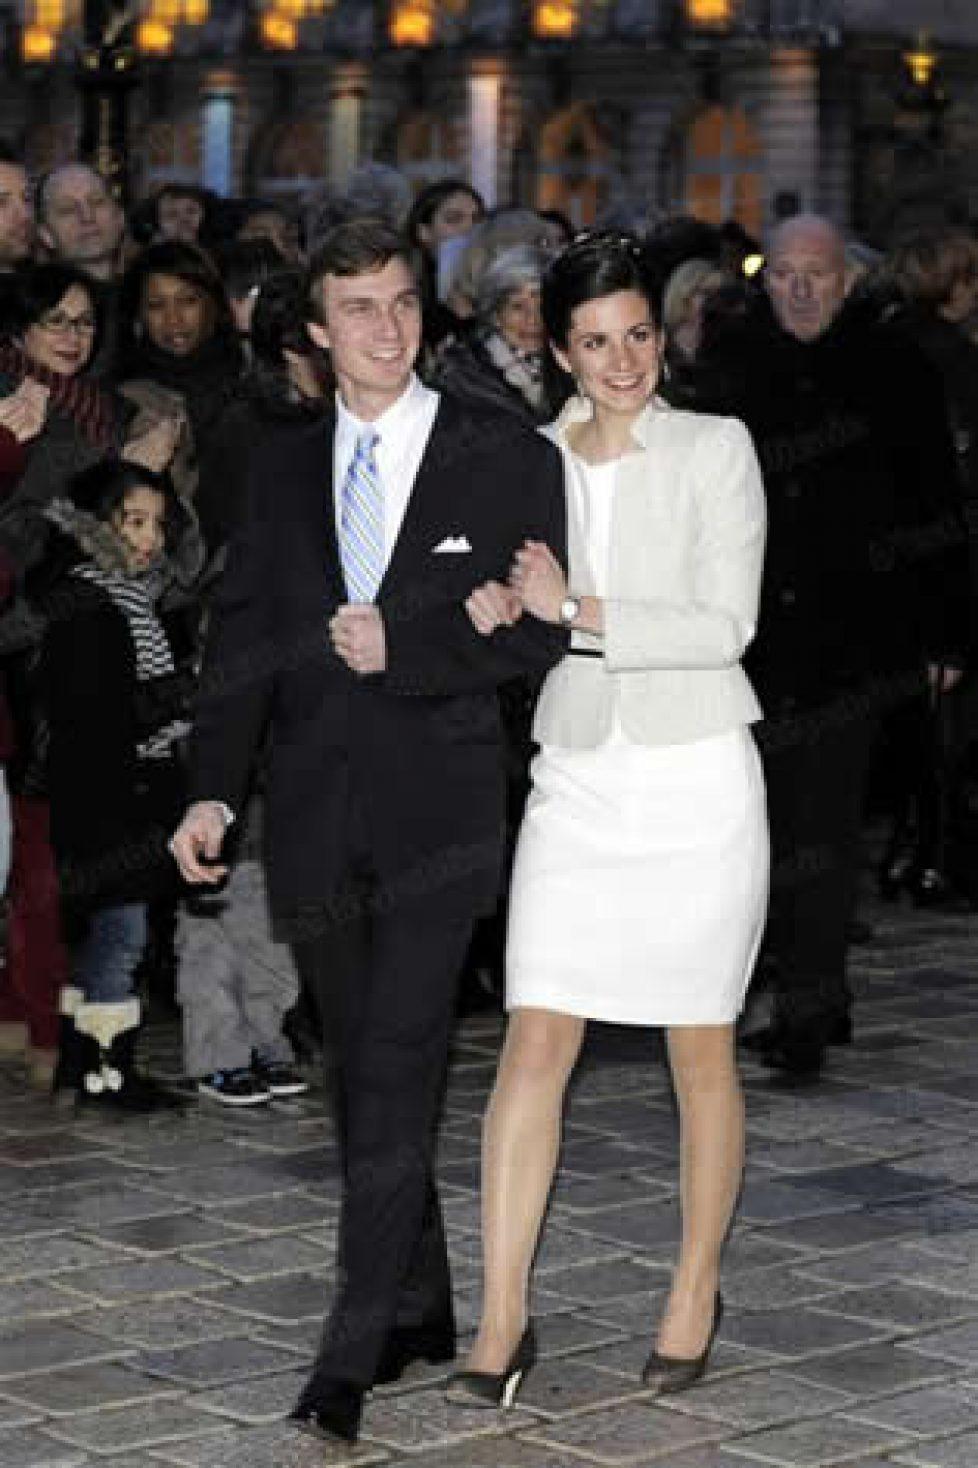 mariage-civil-de-l-archiduc-d-autriche-et-de-sa-fiancee-a-nancy-photo-alexandre-marchi